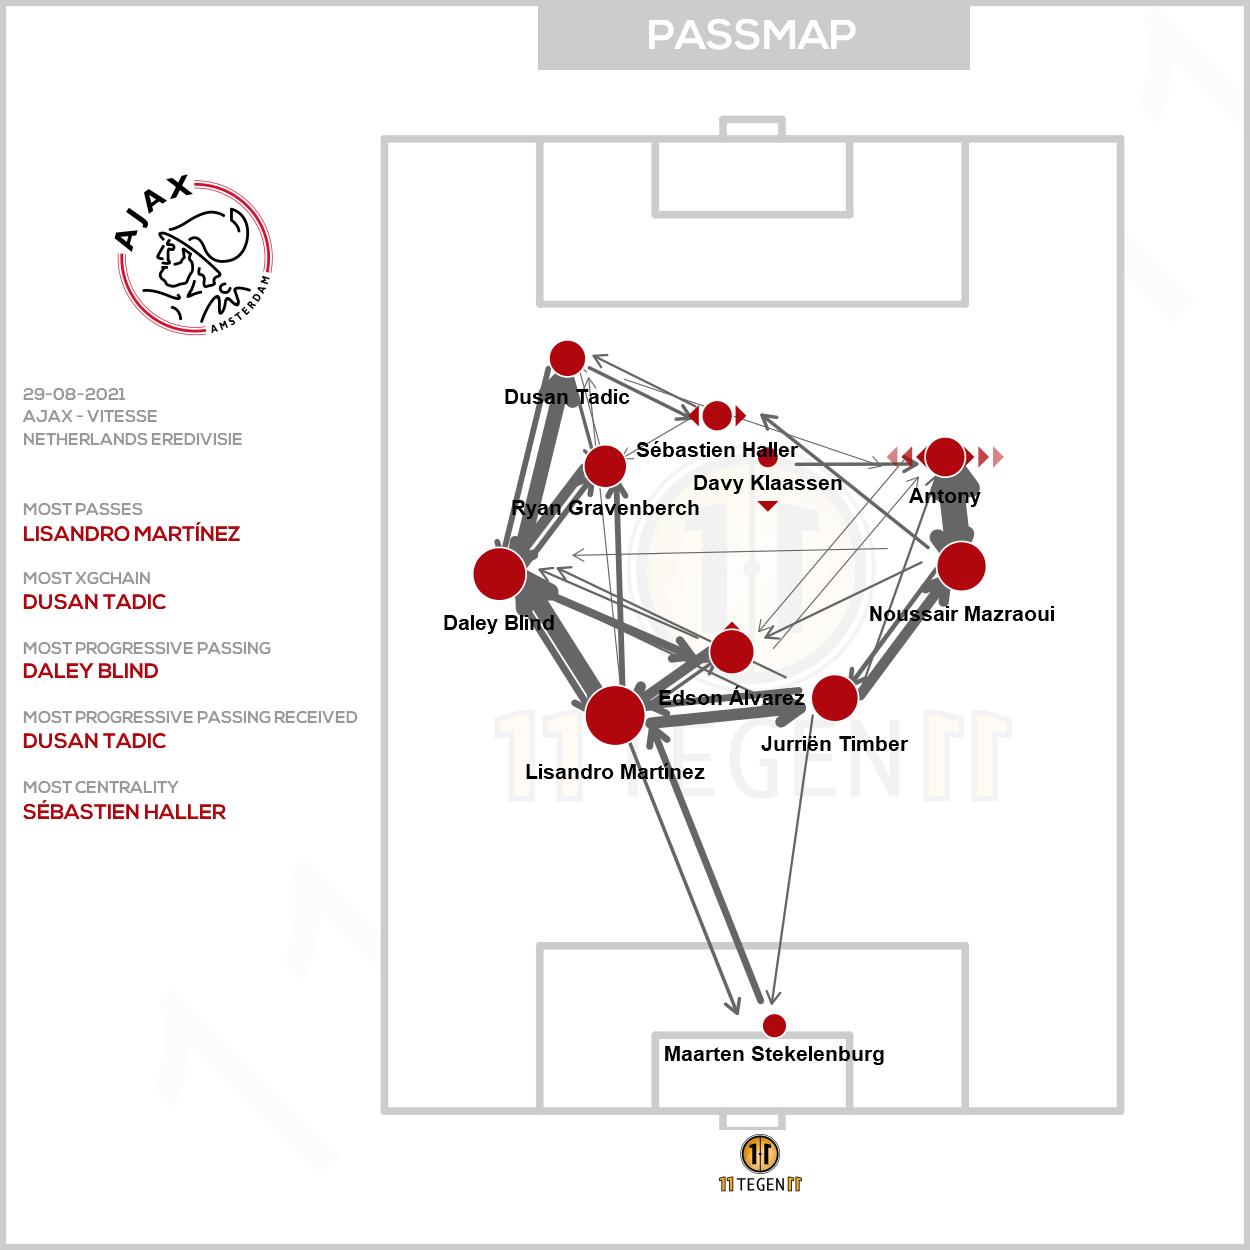 2021 08 29 Passmap Ajax Ajax 5 0 Vitesse